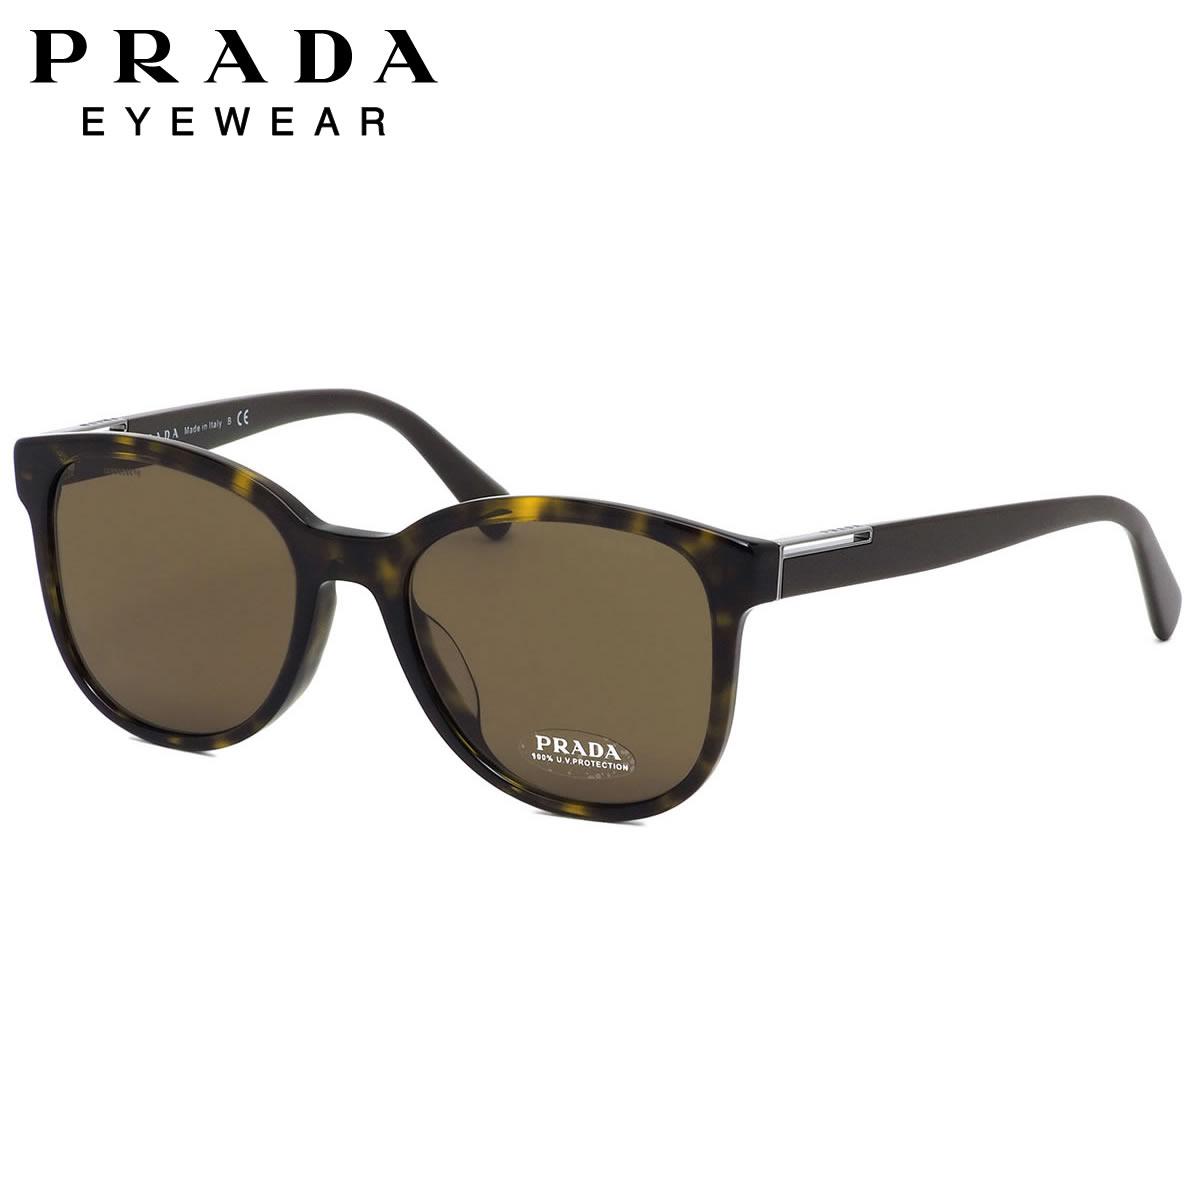 プラダ PRADA サングラス PR08USF 2AU8C1 54サイズ ウエリントン フラット ノーブル モード シンプル プラダ PRADA メンズ レディース